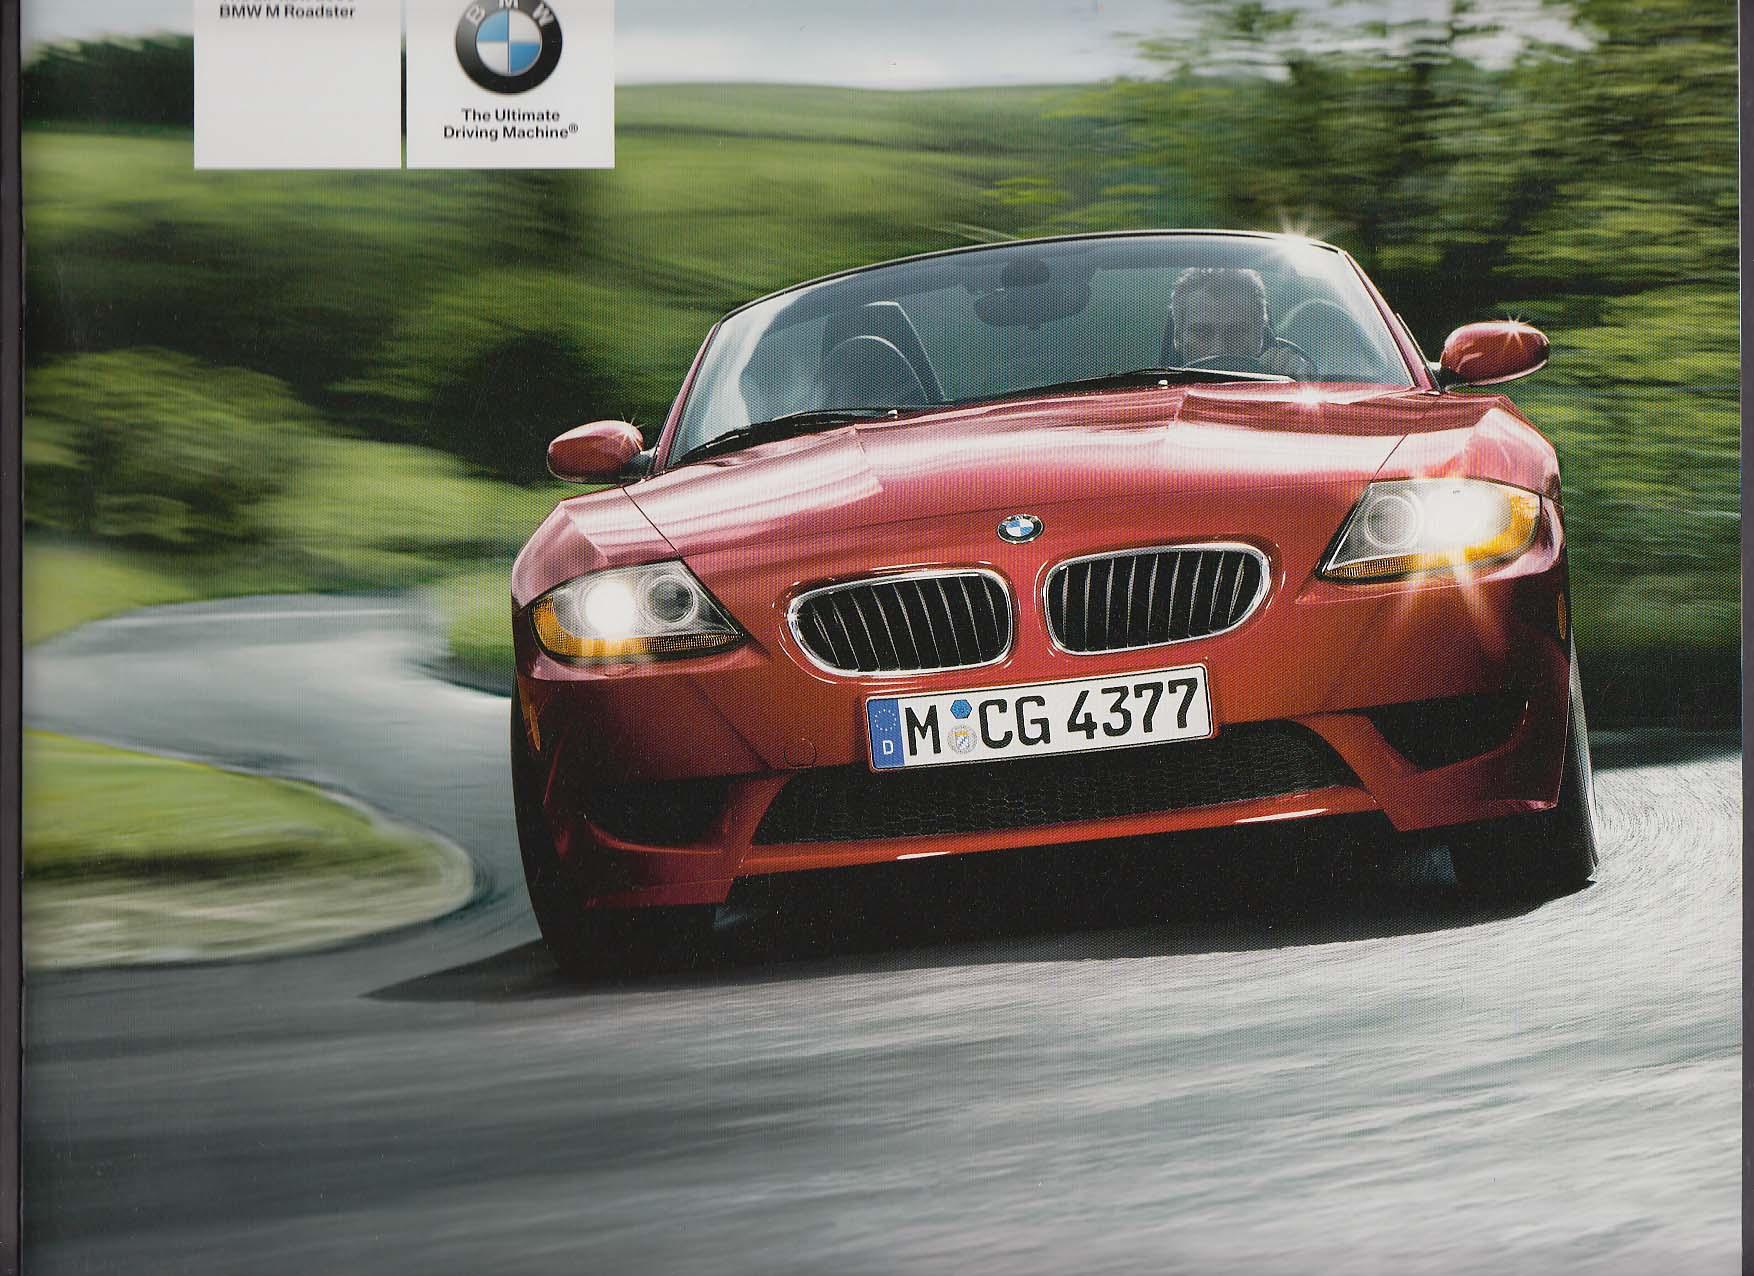 Image for 2006 BMW M Roadster sales brochure catalog